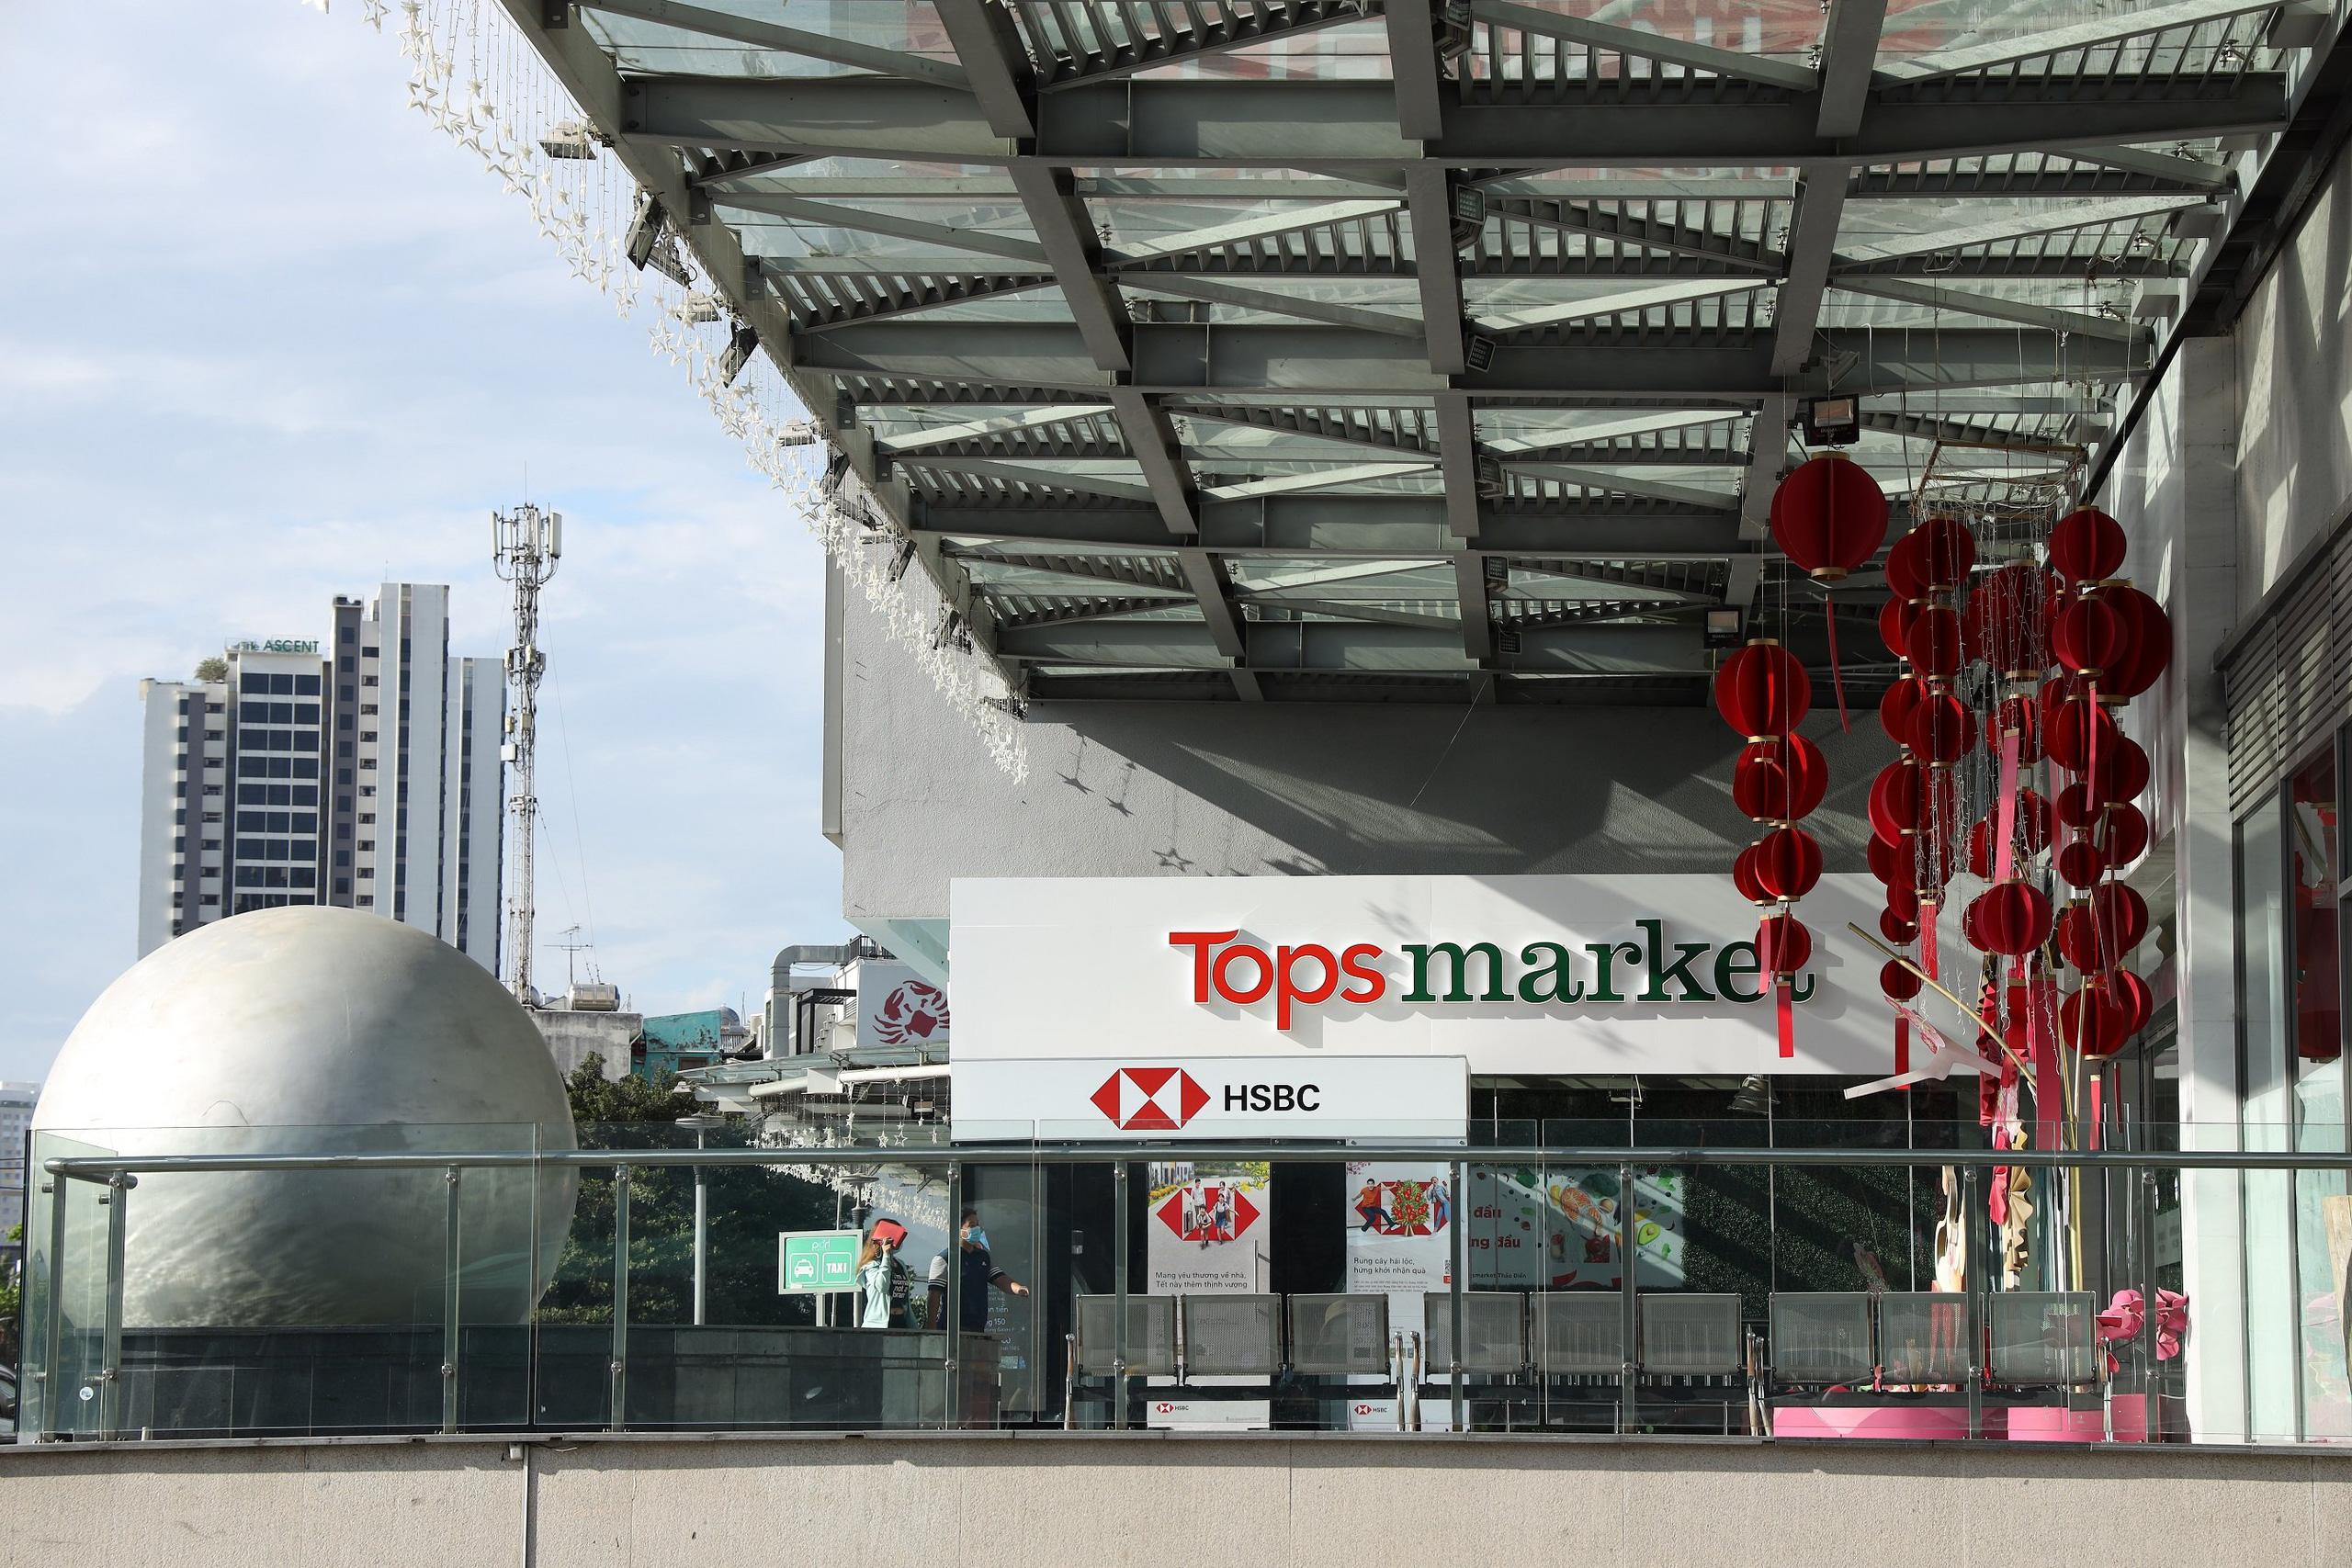 Big C tái định vị thương hiệu: 7 siêu thị chuyển thành Tops Market, 5 đại siêu thị đổi tên thành GO! - Ảnh 1.